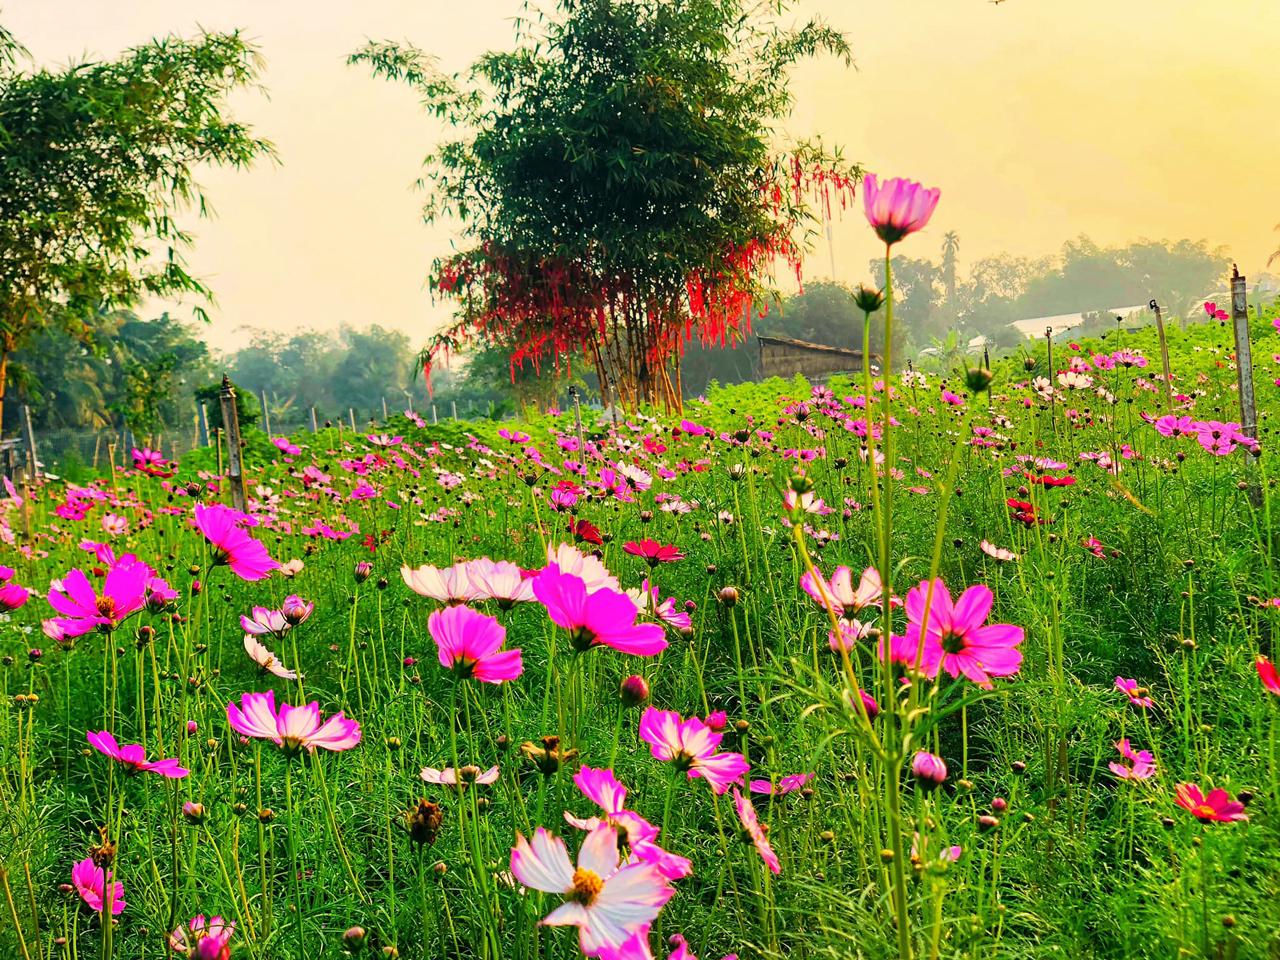 Hoa dừa cạn mạch khoe sắc ở vườn hoa tam giác mạch farm Cần Thơ